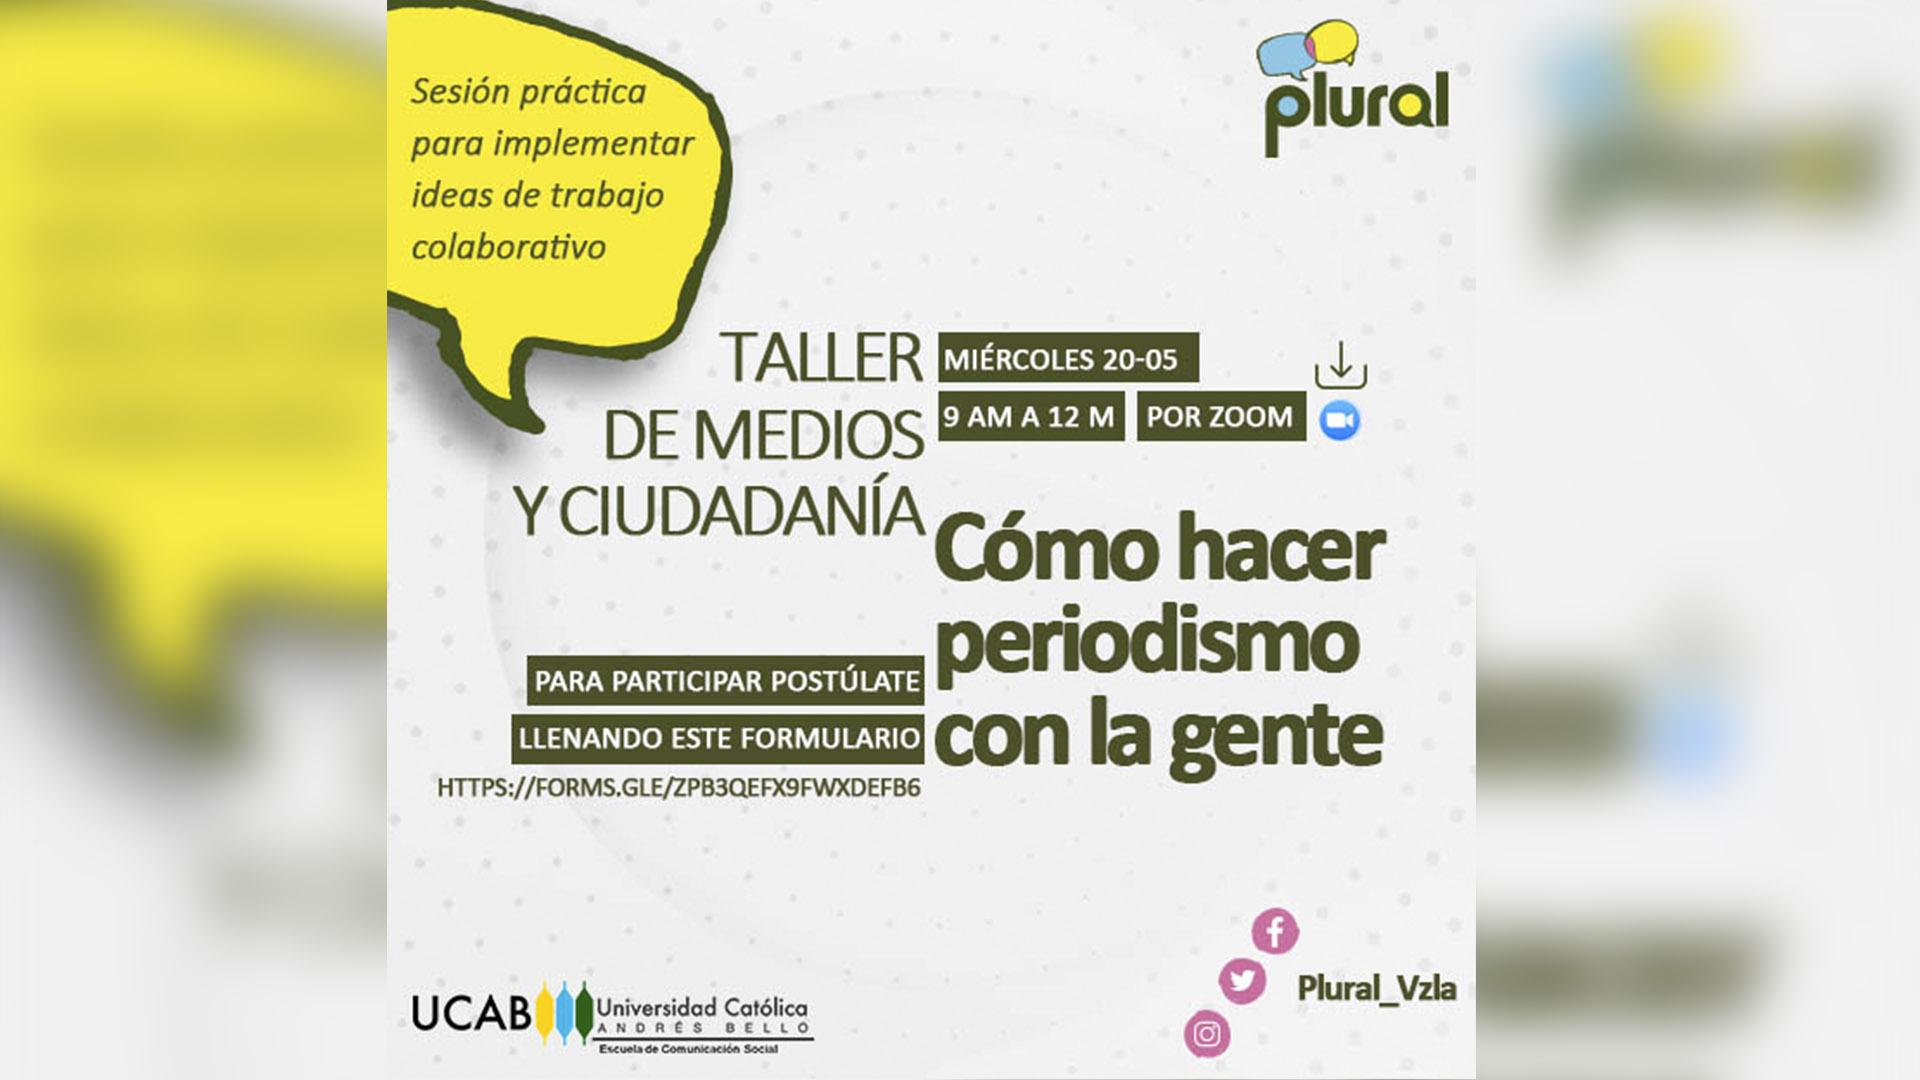 Plural invita al taller: Cómo hacer periodismo con la gente